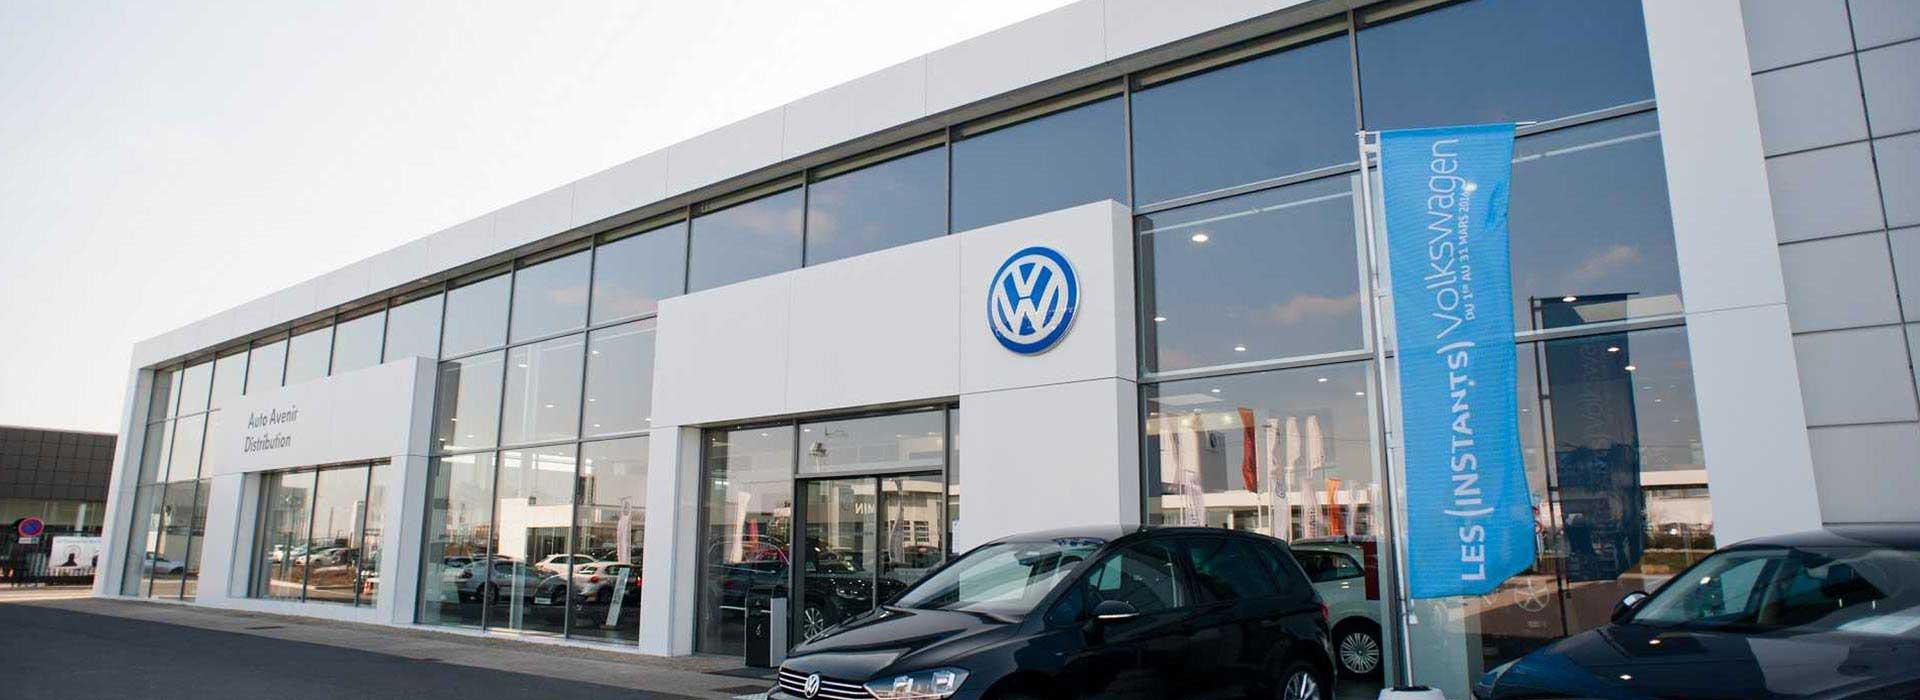 Volkswagen Reims